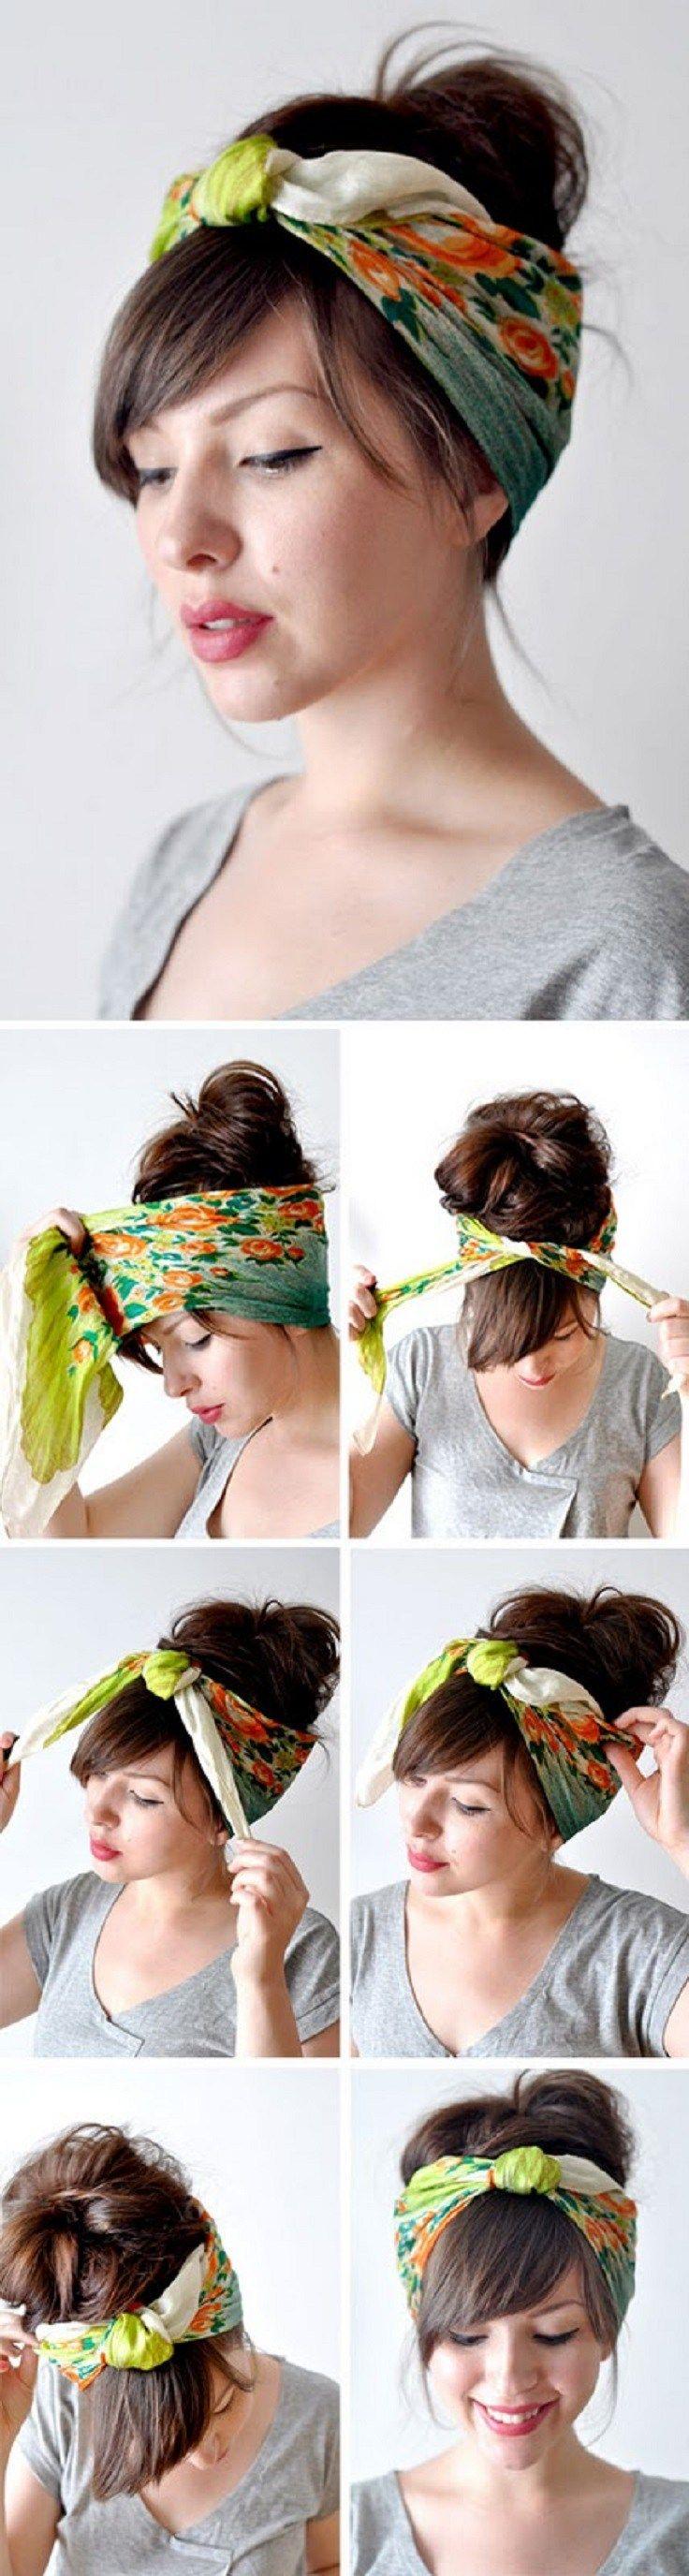 En el post de hoy quiero compartir con ustedes 5 Peinados fáciles y prácticos para las chicas que tengan el pelo corto.